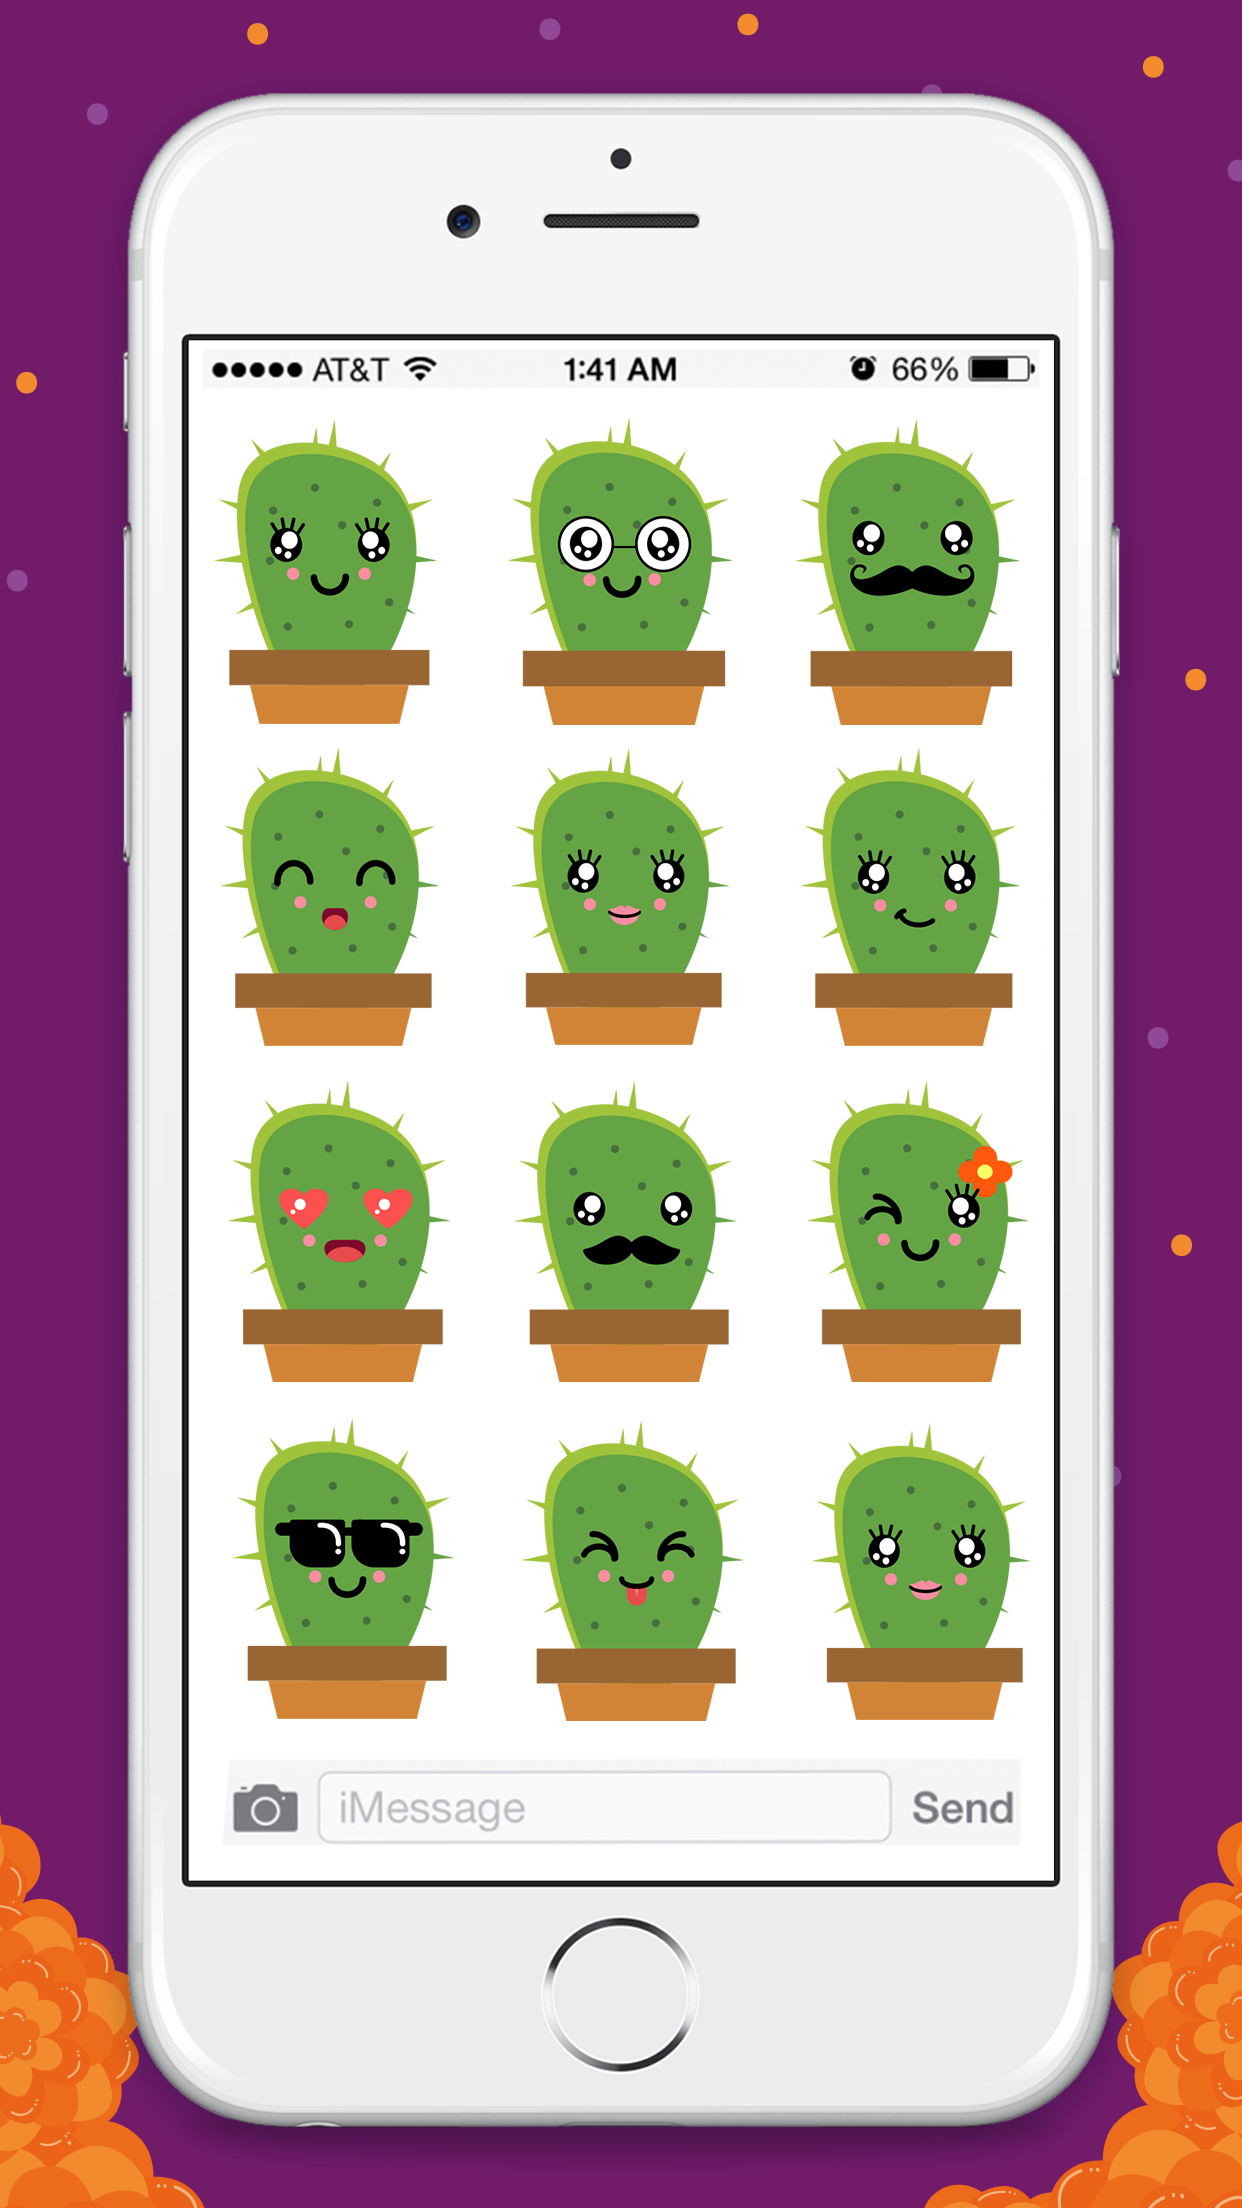 Animated Cactus